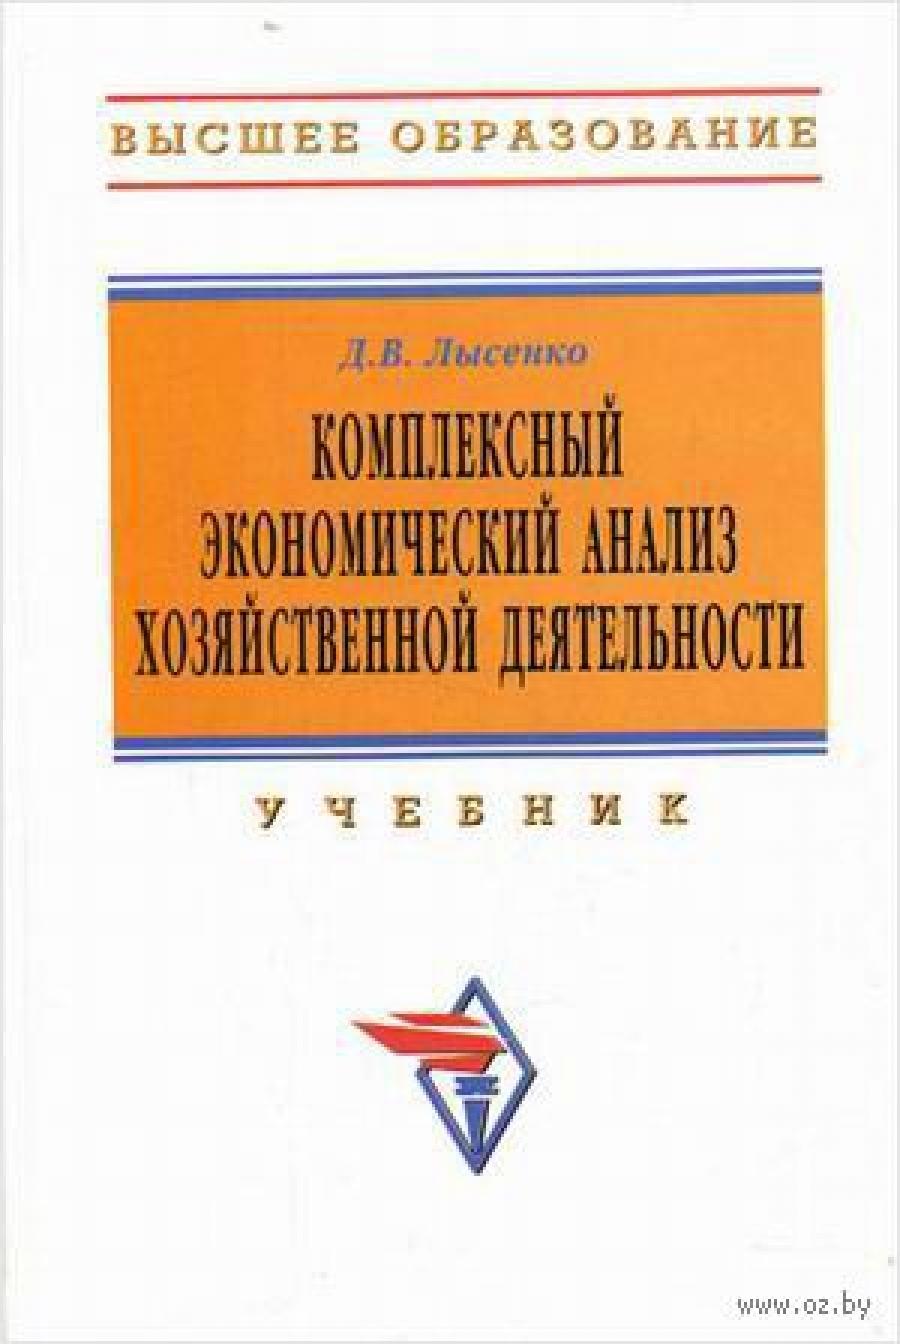 Обложка книги:  лысенко д.в. - комплексный экономический анализ хозяйственной деятельности